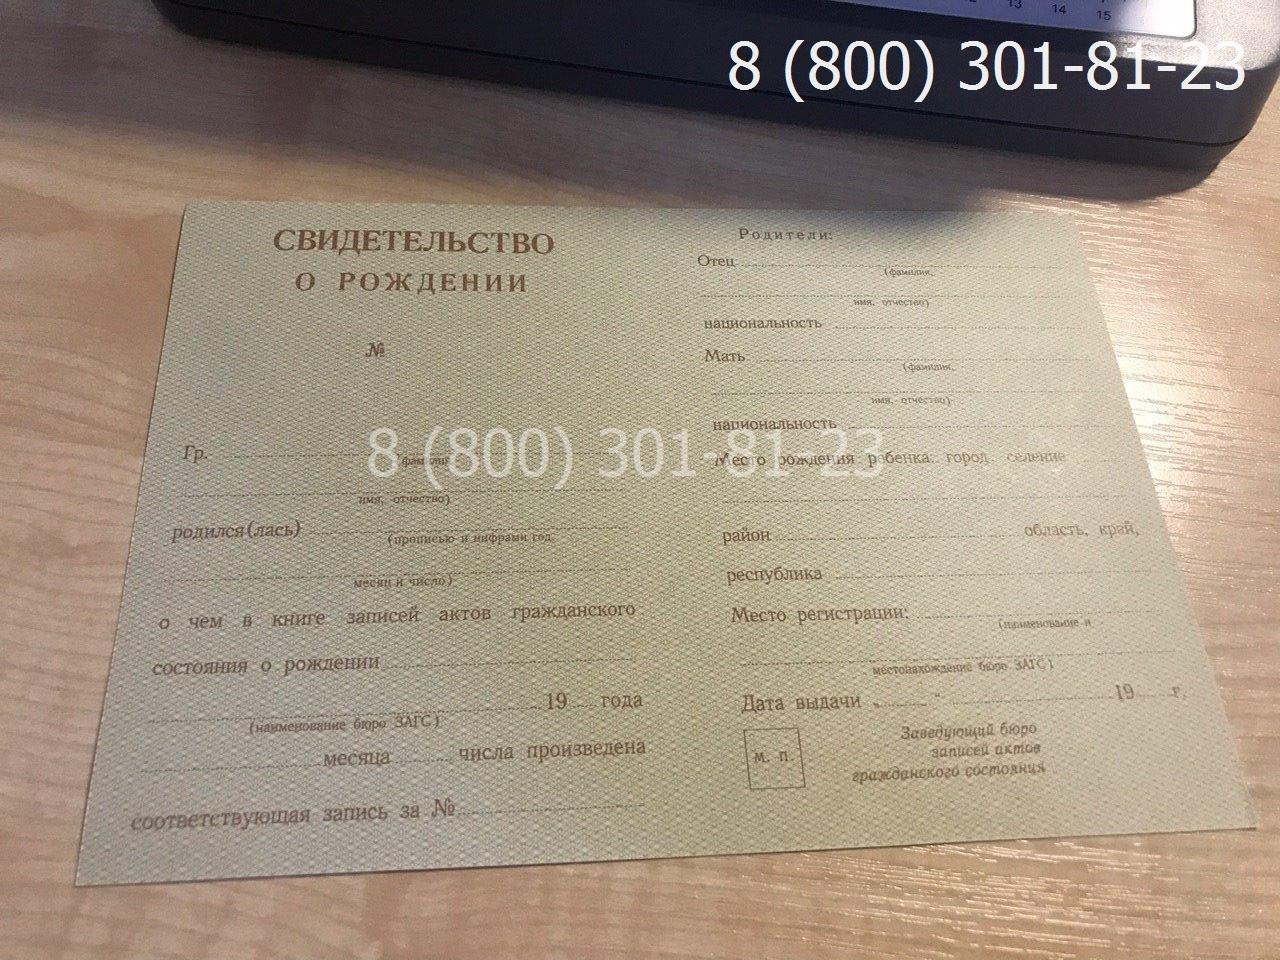 Свидетельство о рождении СССР 1940-1949 годов, титульный лист